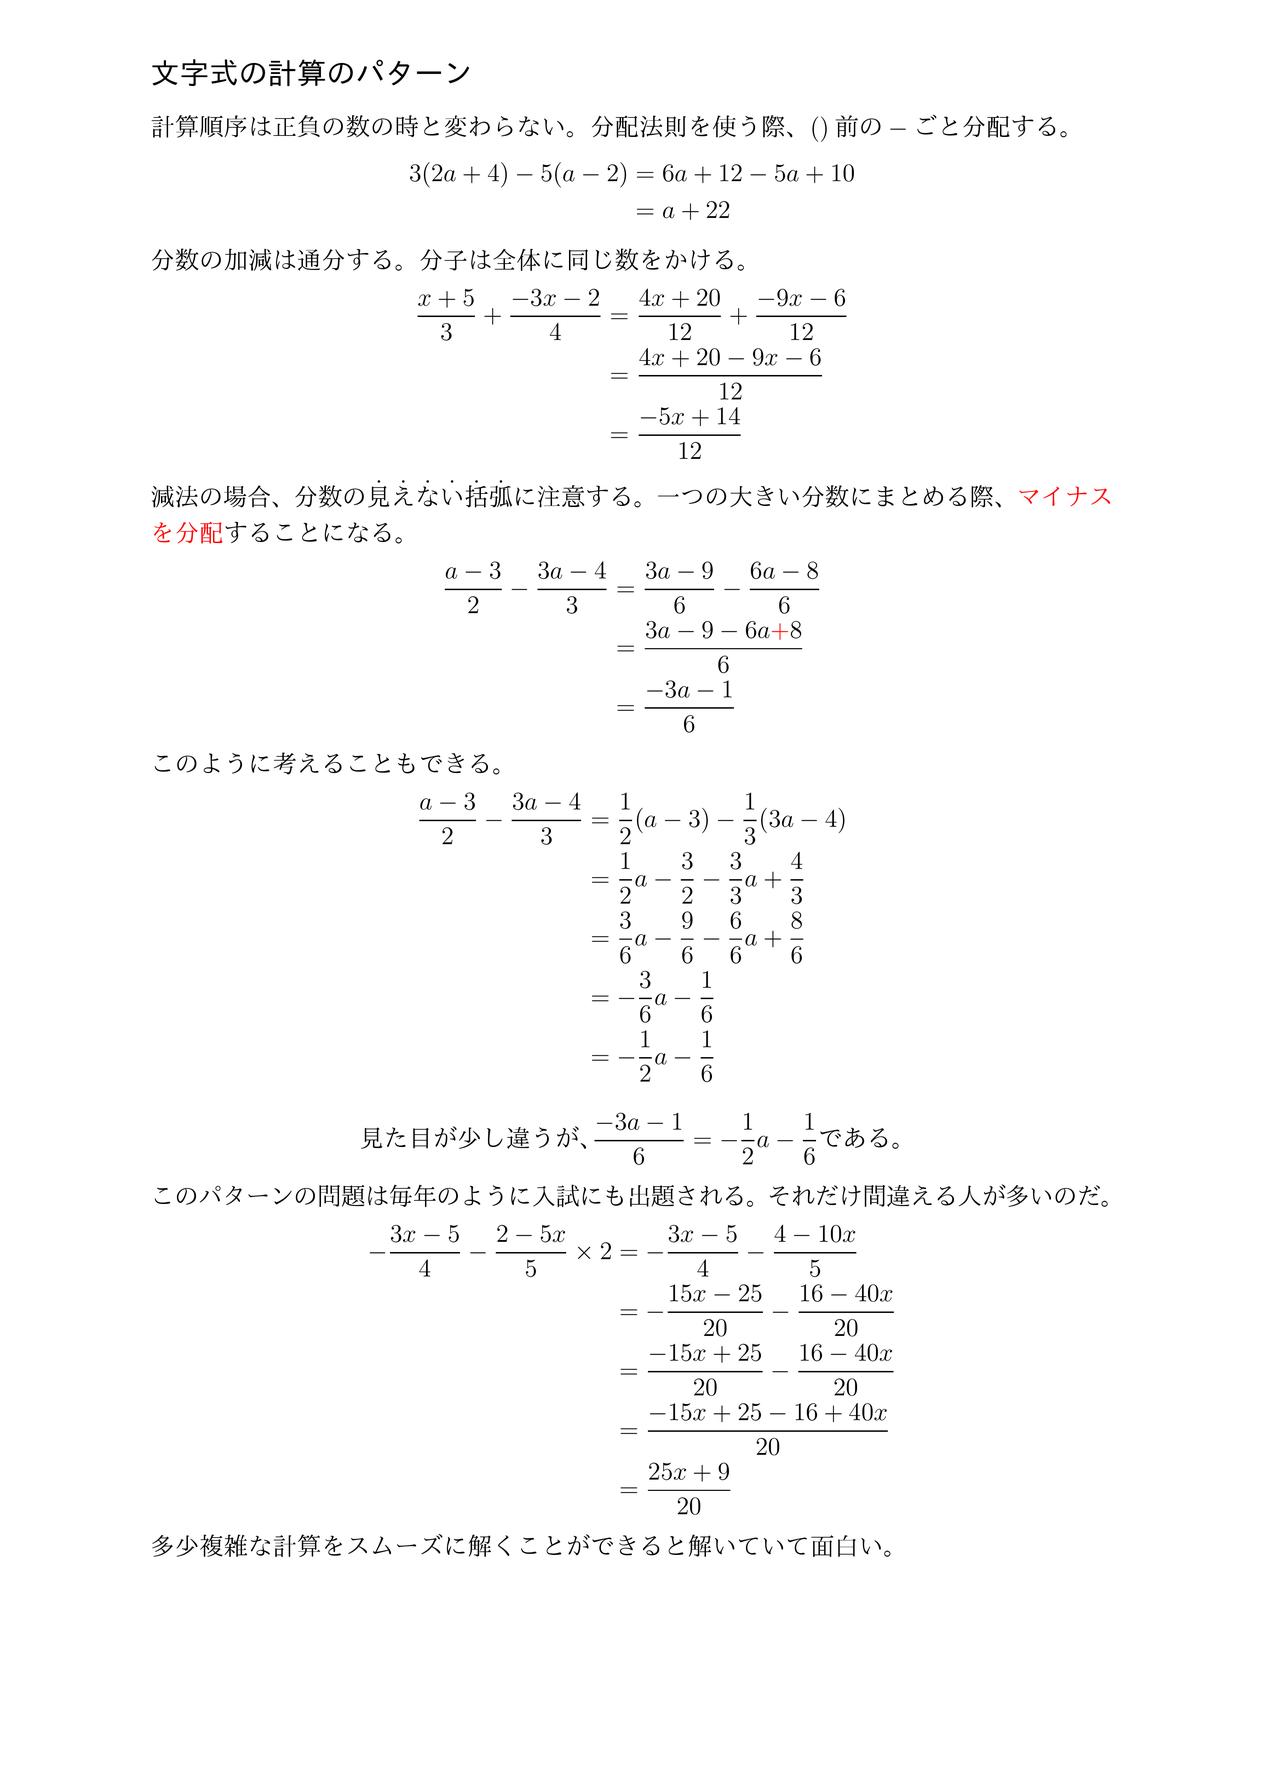 文字式の計算パターン